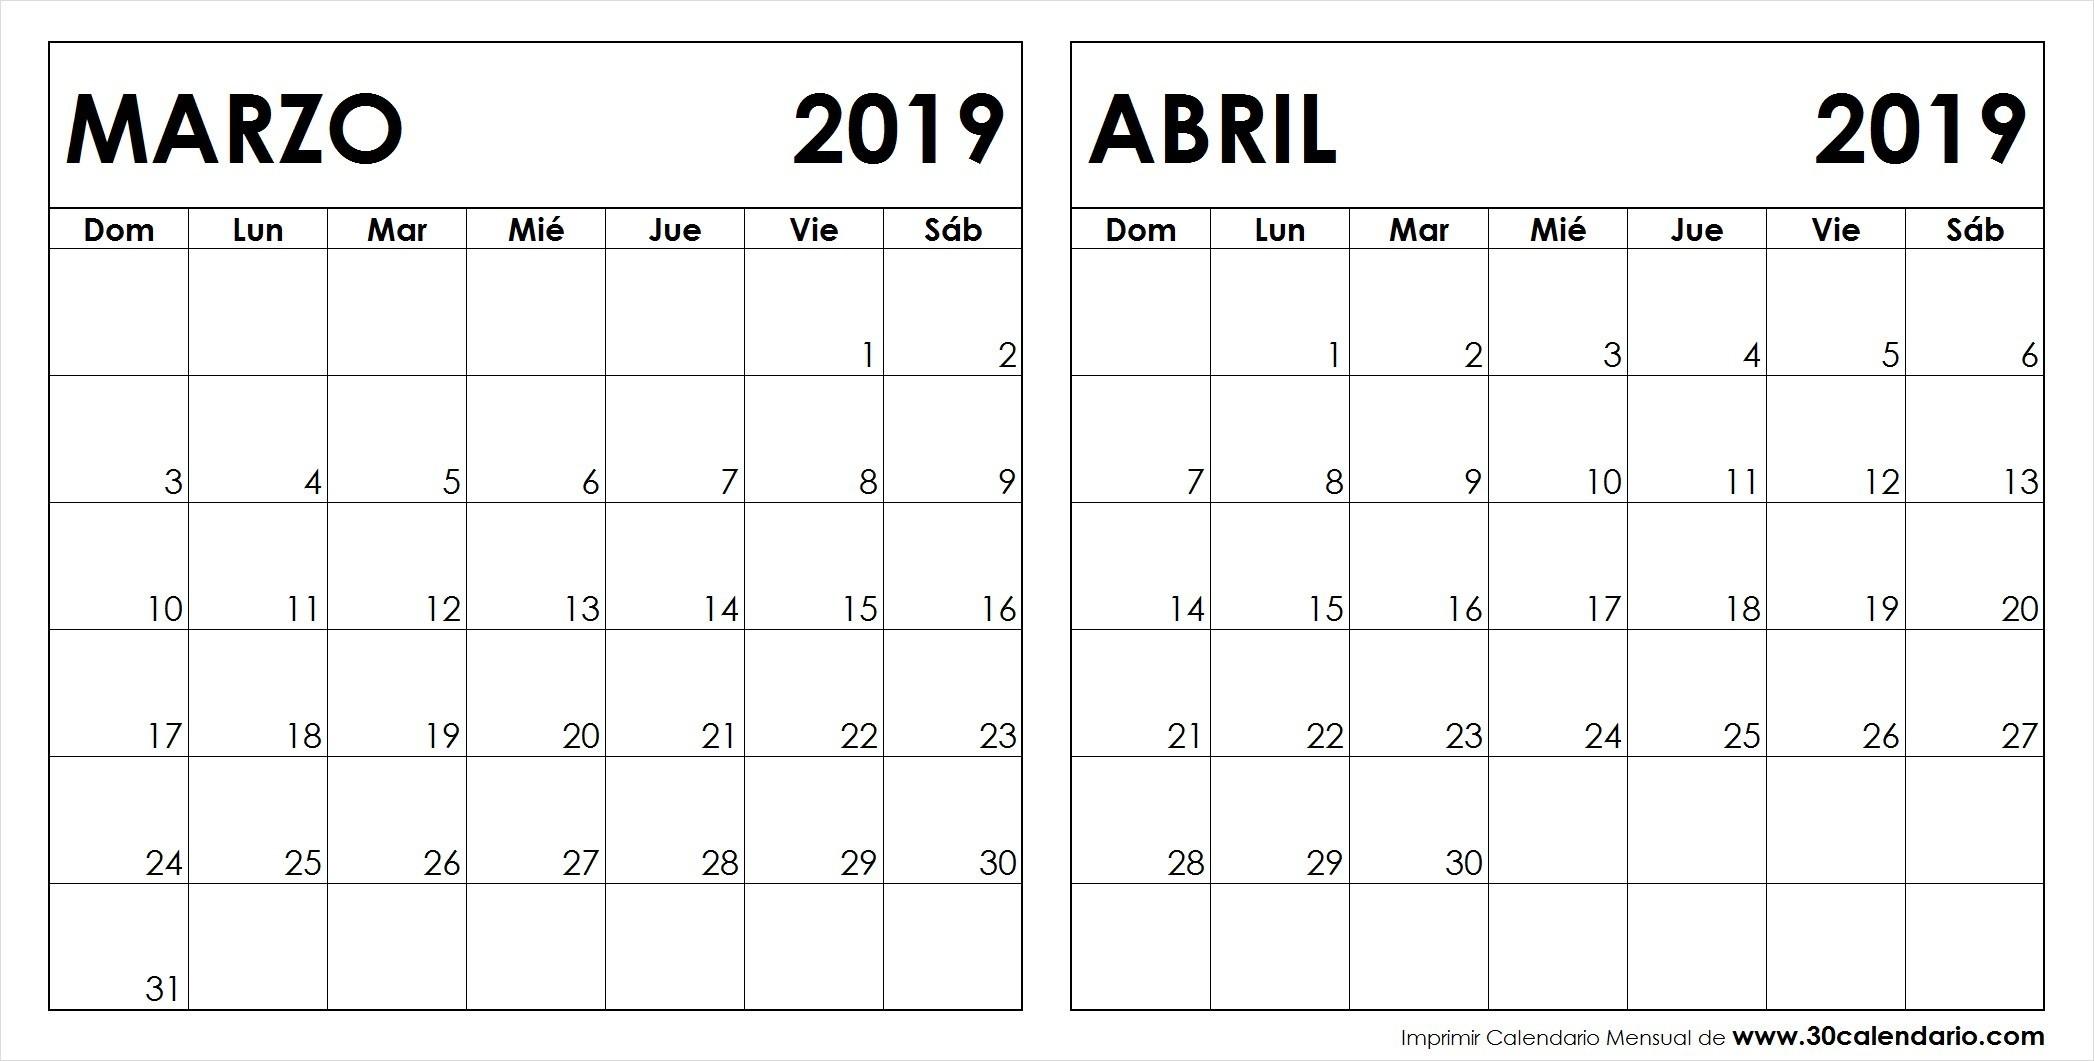 Calendario 2019 Colombia Con Festivos Pdf Mejores Y Más Novedosos Noticias Calendario Para Imprimir Con Festivos 2019 Of Calendario 2019 Colombia Con Festivos Pdf Más Reciente Informes Calendario De Escritorio 2019 Para Imprimir Pdf